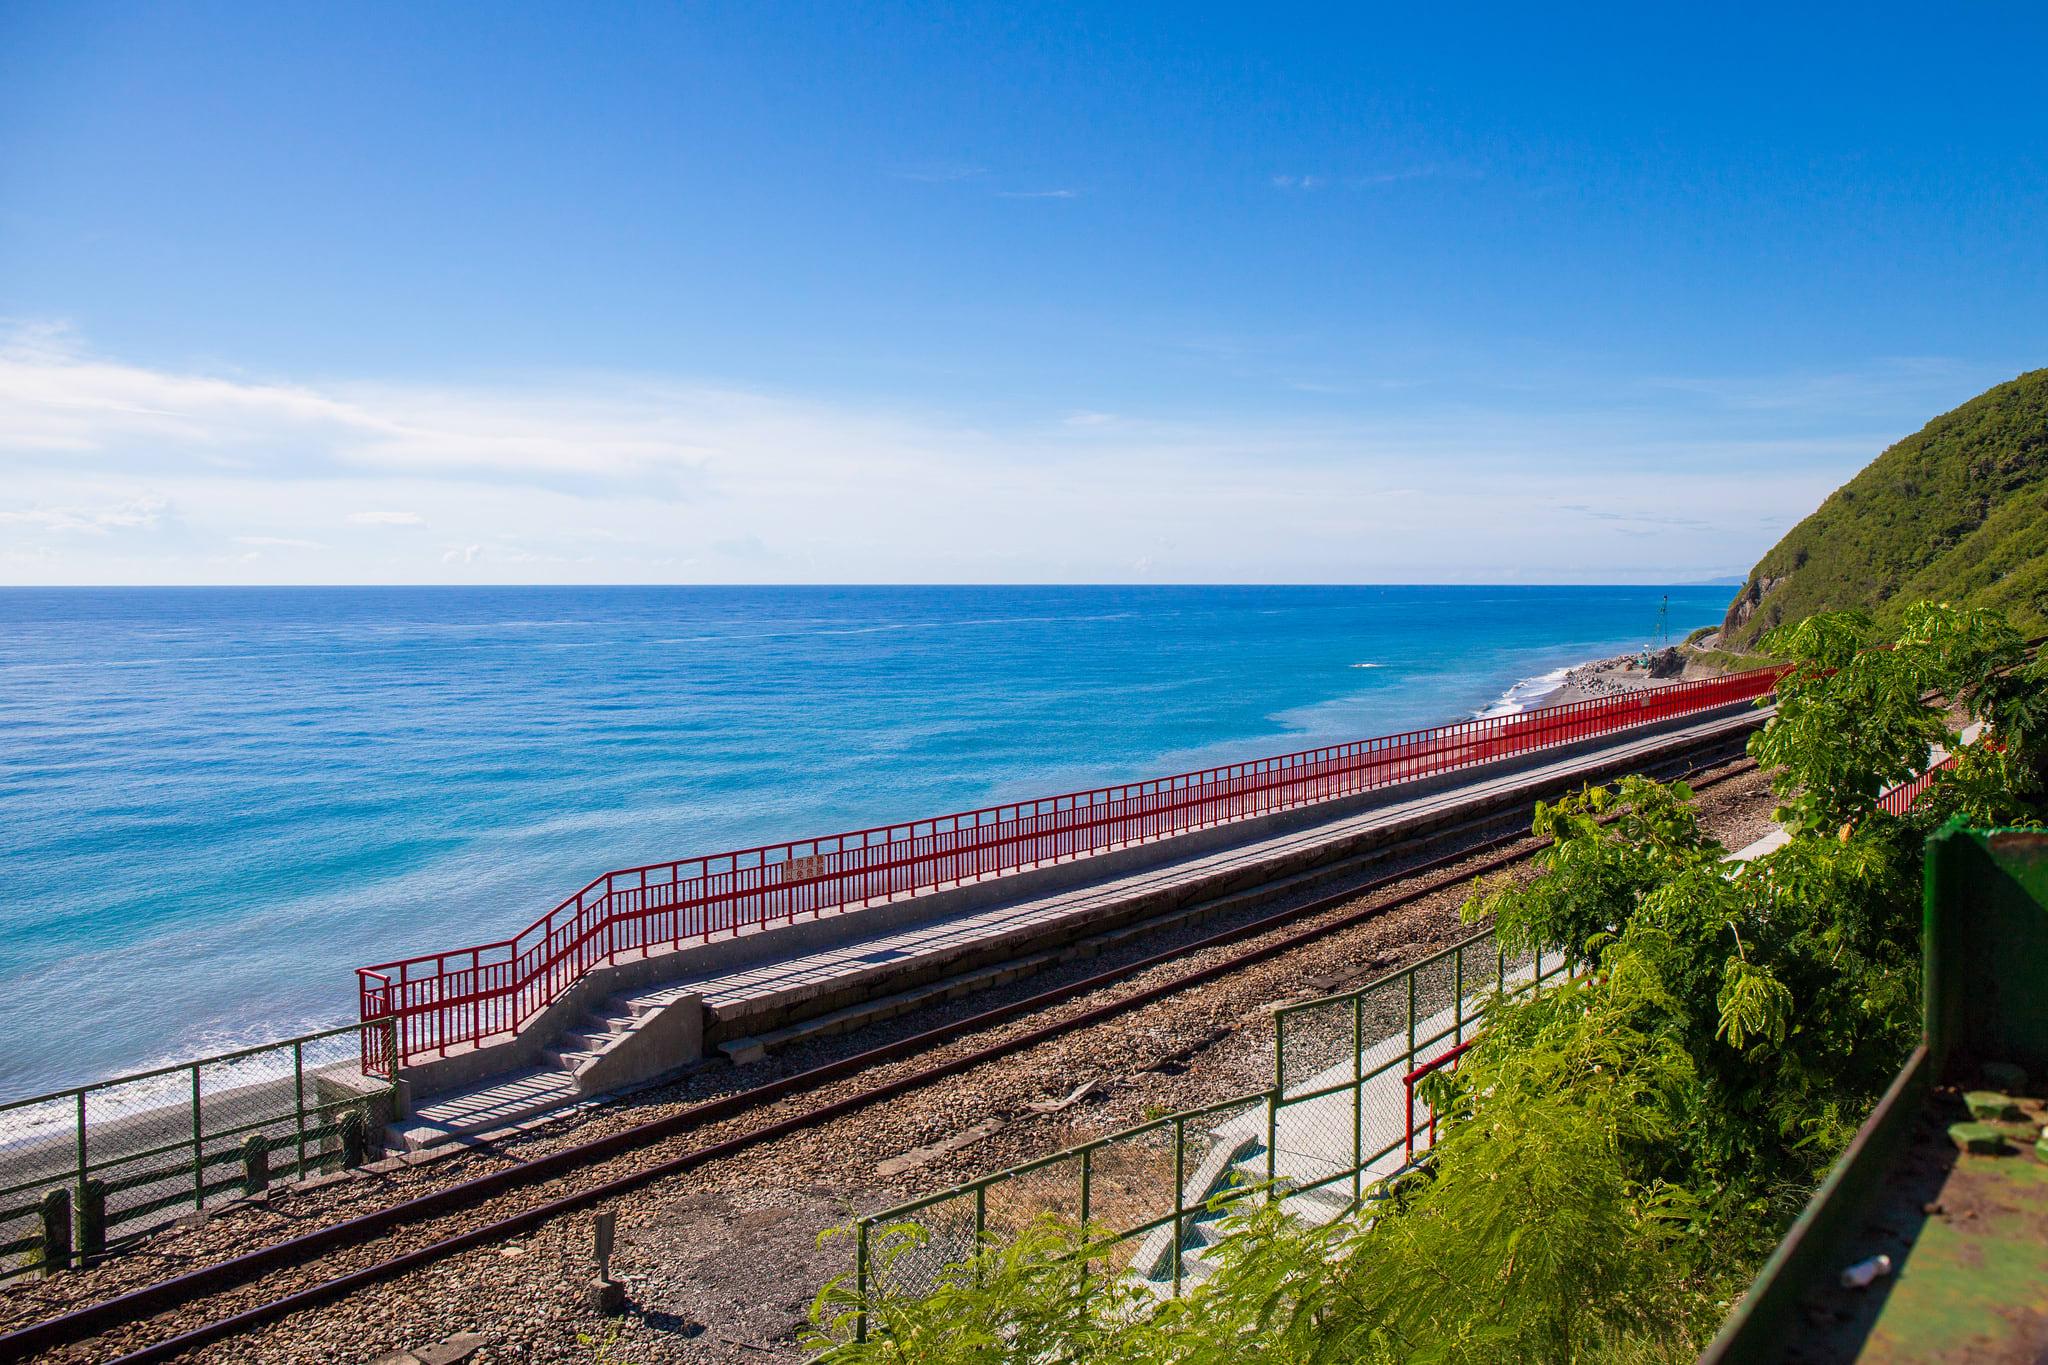 倚靠在觀景平台的紅色欄杆上,欣賞大自然夢幻美景。(Flickr授權作者-McGyver.Chang)